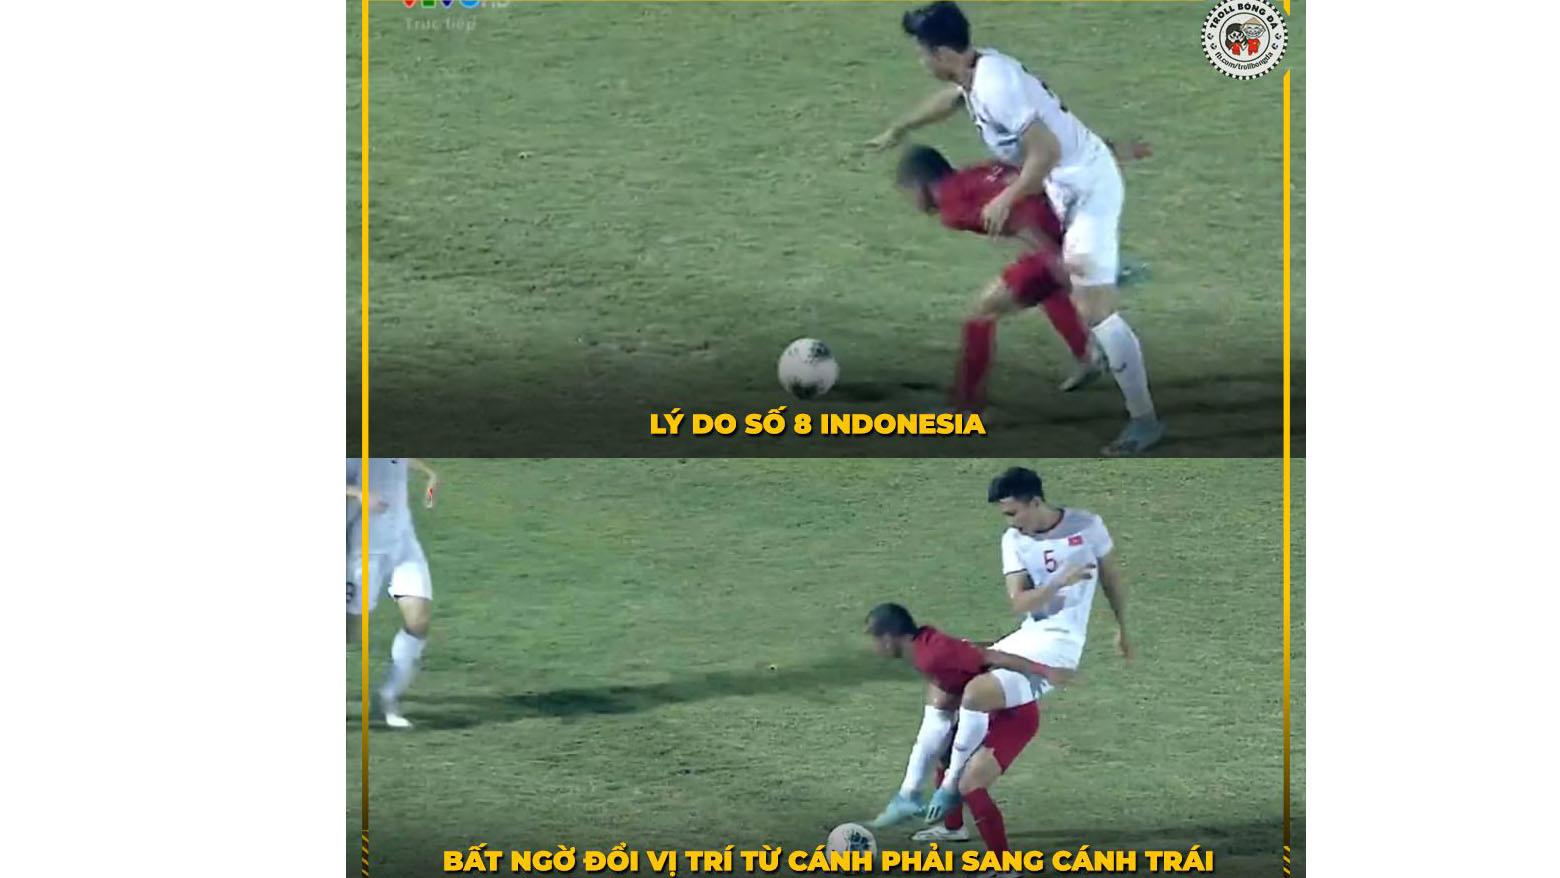 Ket qua bong da, kết quả bóng đá hôm nay, Indonesia vs Việt Nam, kết quả Việt Nam đấu với Indonesia, Kết quả vòng loại World Cup 2022 bảng G, ĐTVN, bong da, bóng đá